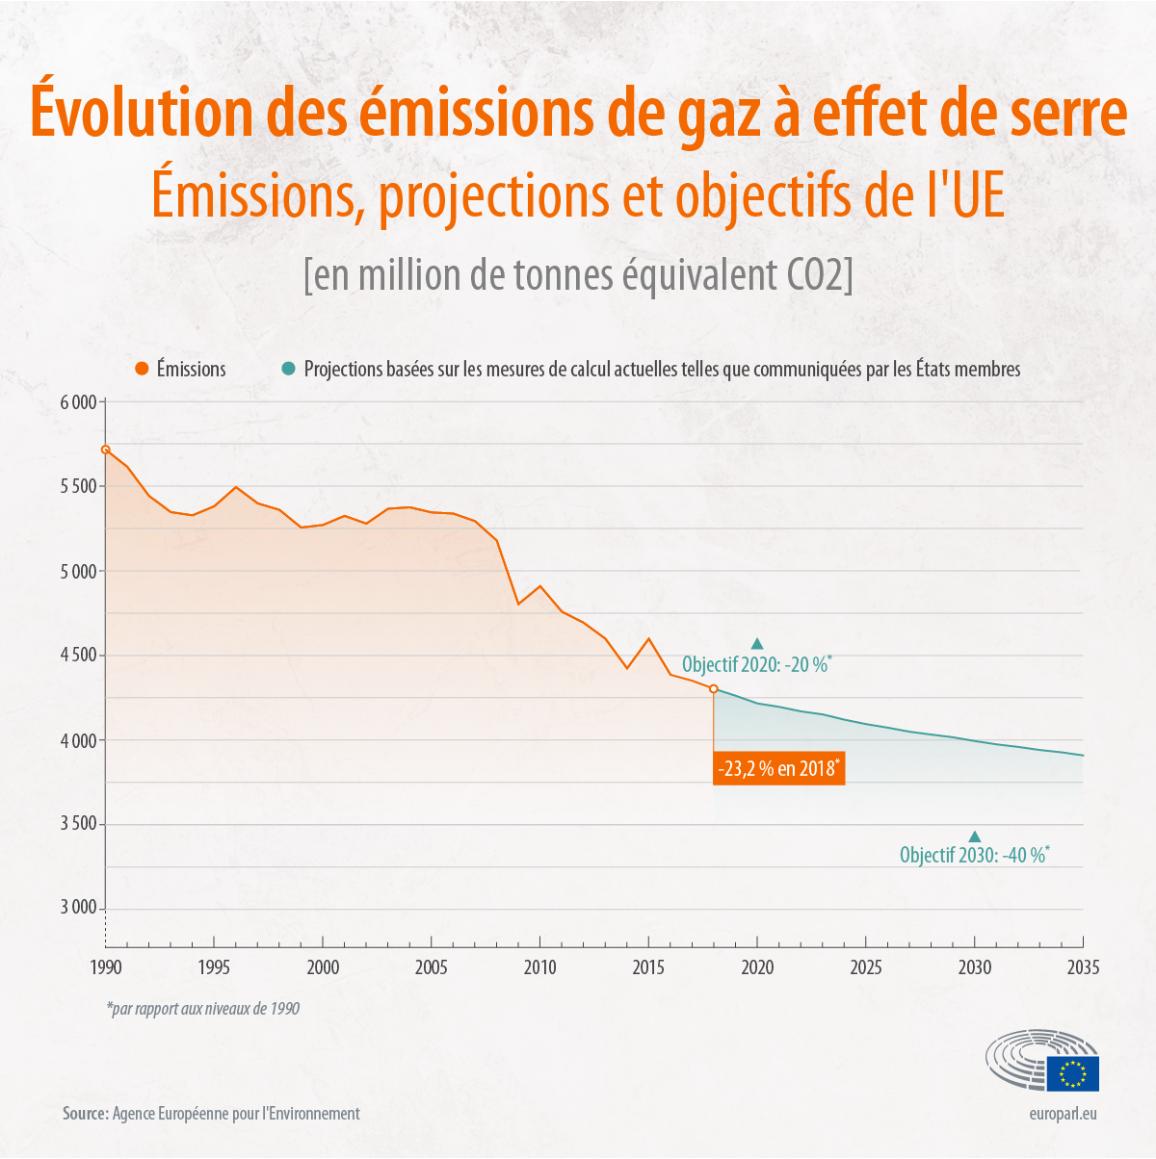 Graphique montrant l'évolution des émissions de gaz à effet de serre dans l'UE entre 1990 et 2020 ainsi que les projections jusqu'en 2035